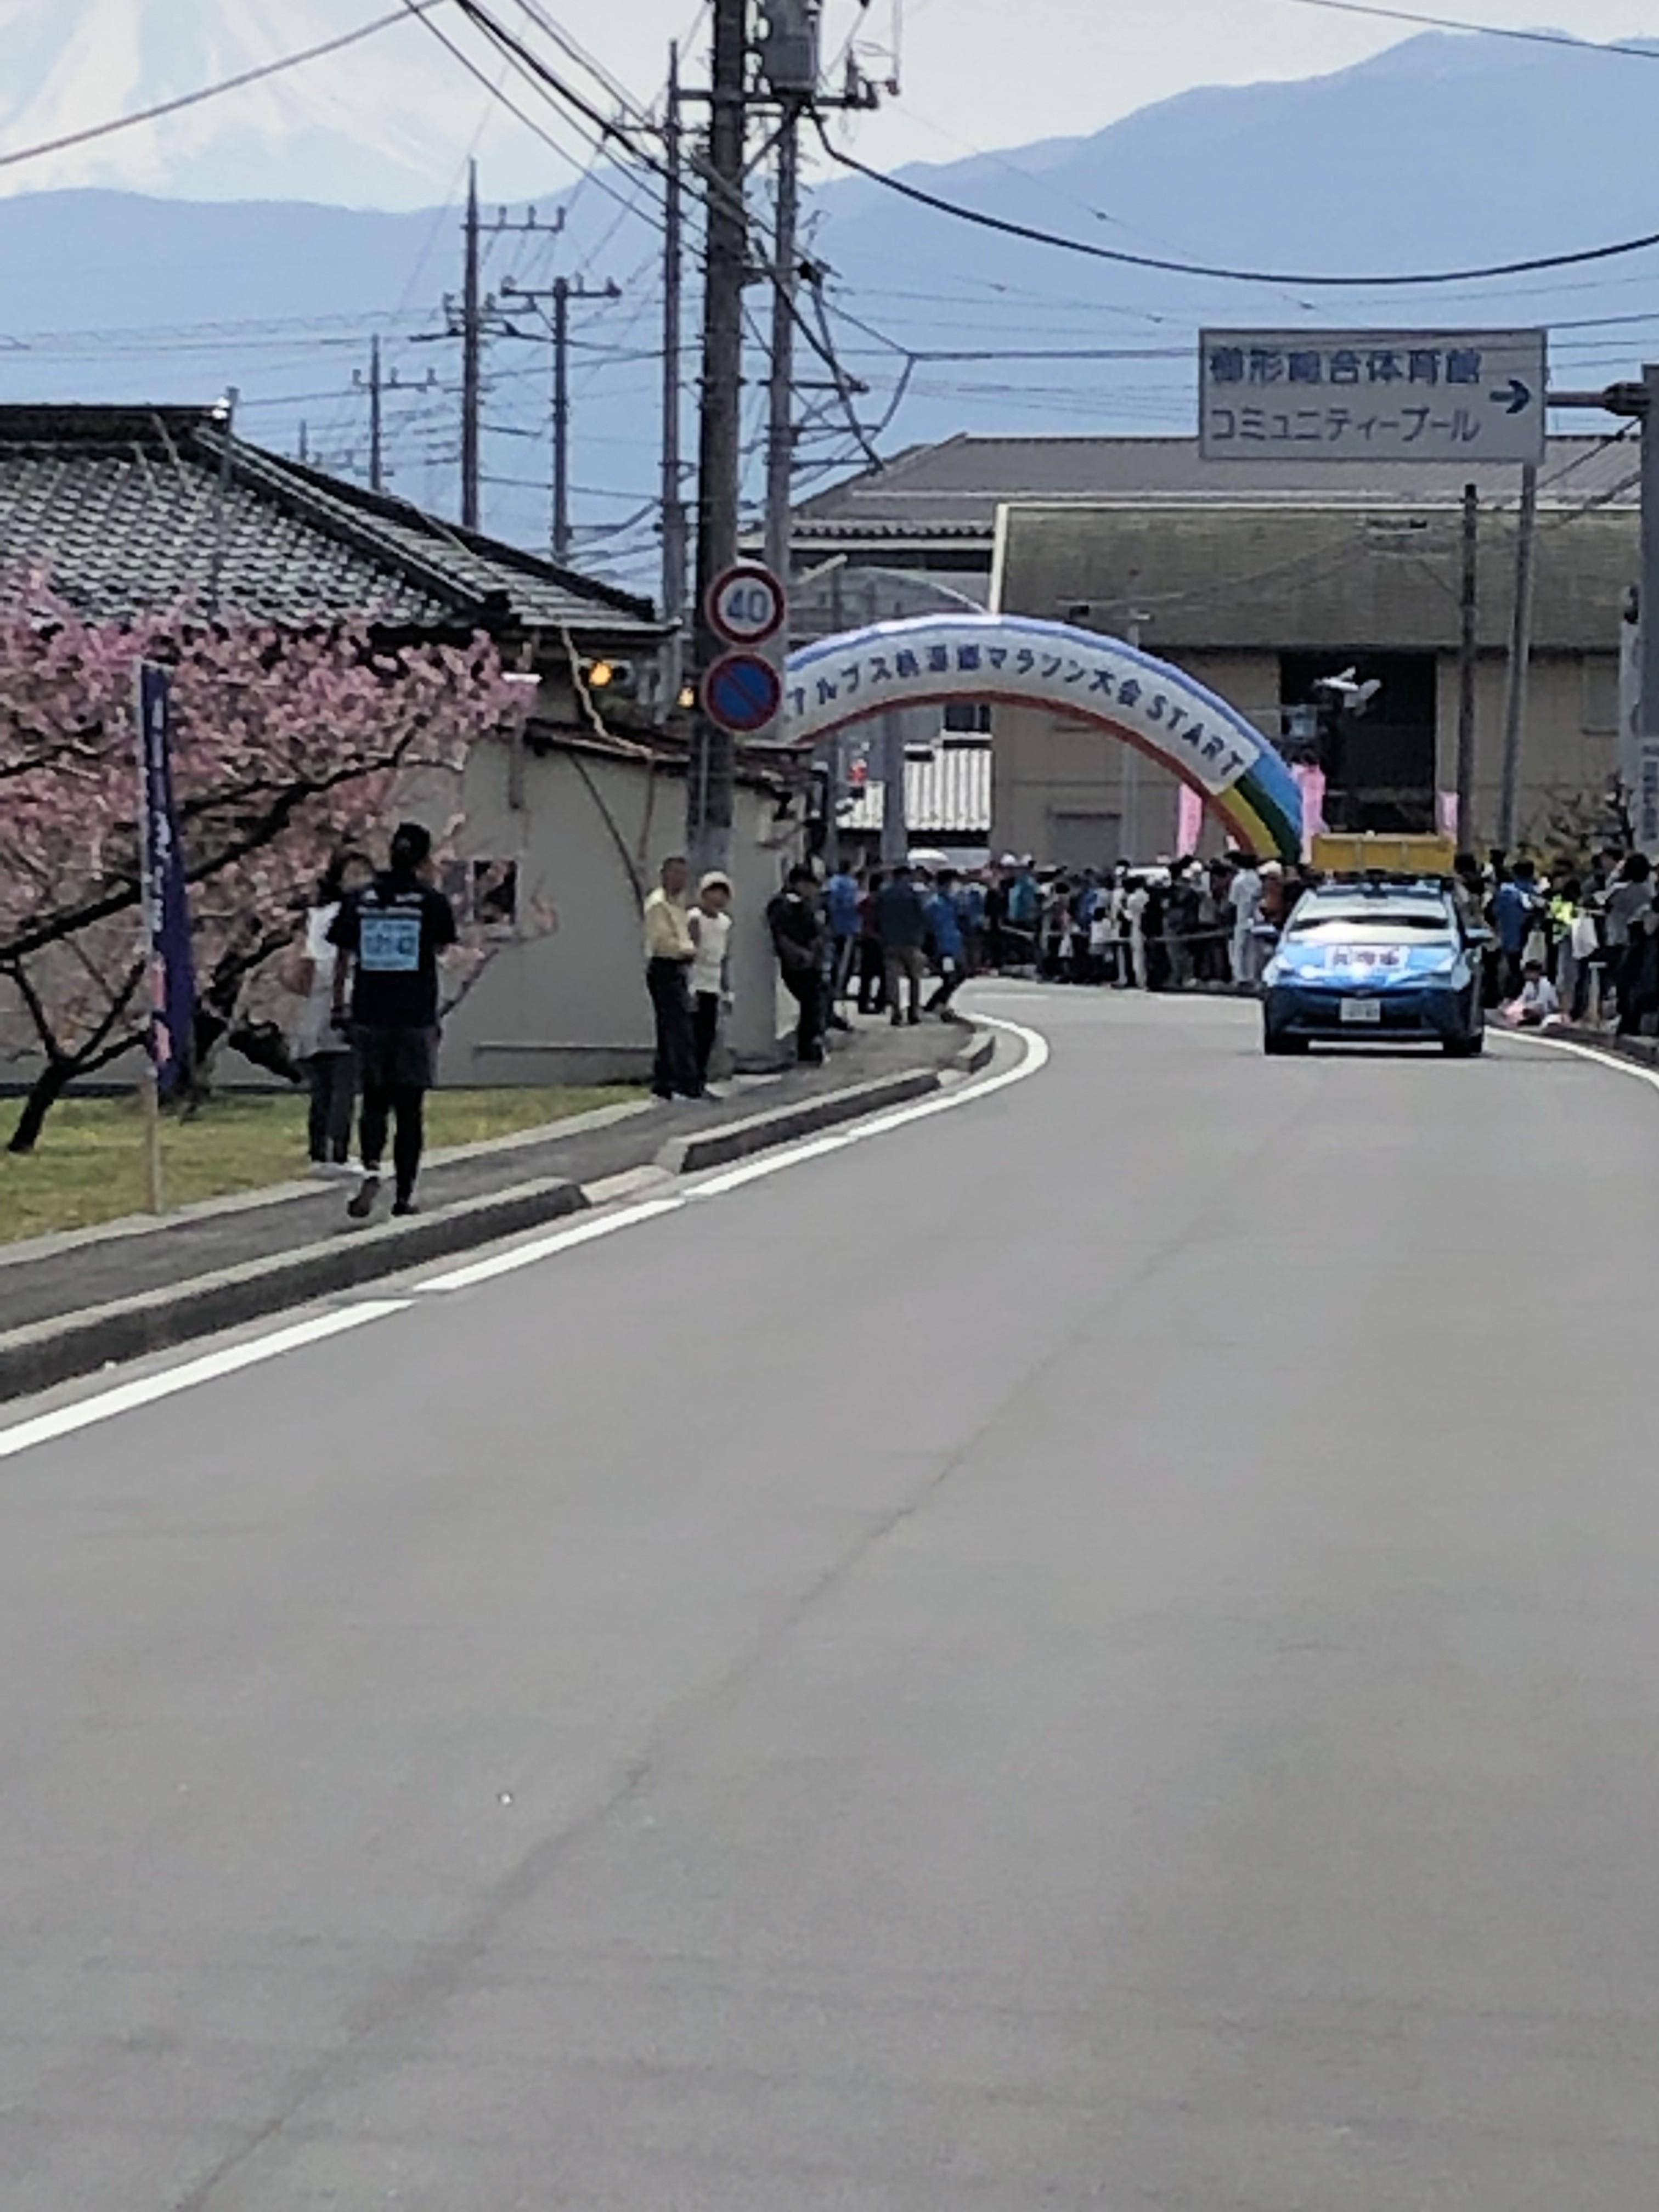 奮闘記番外編 ~ポスティングマン、マラソン大会に出る~